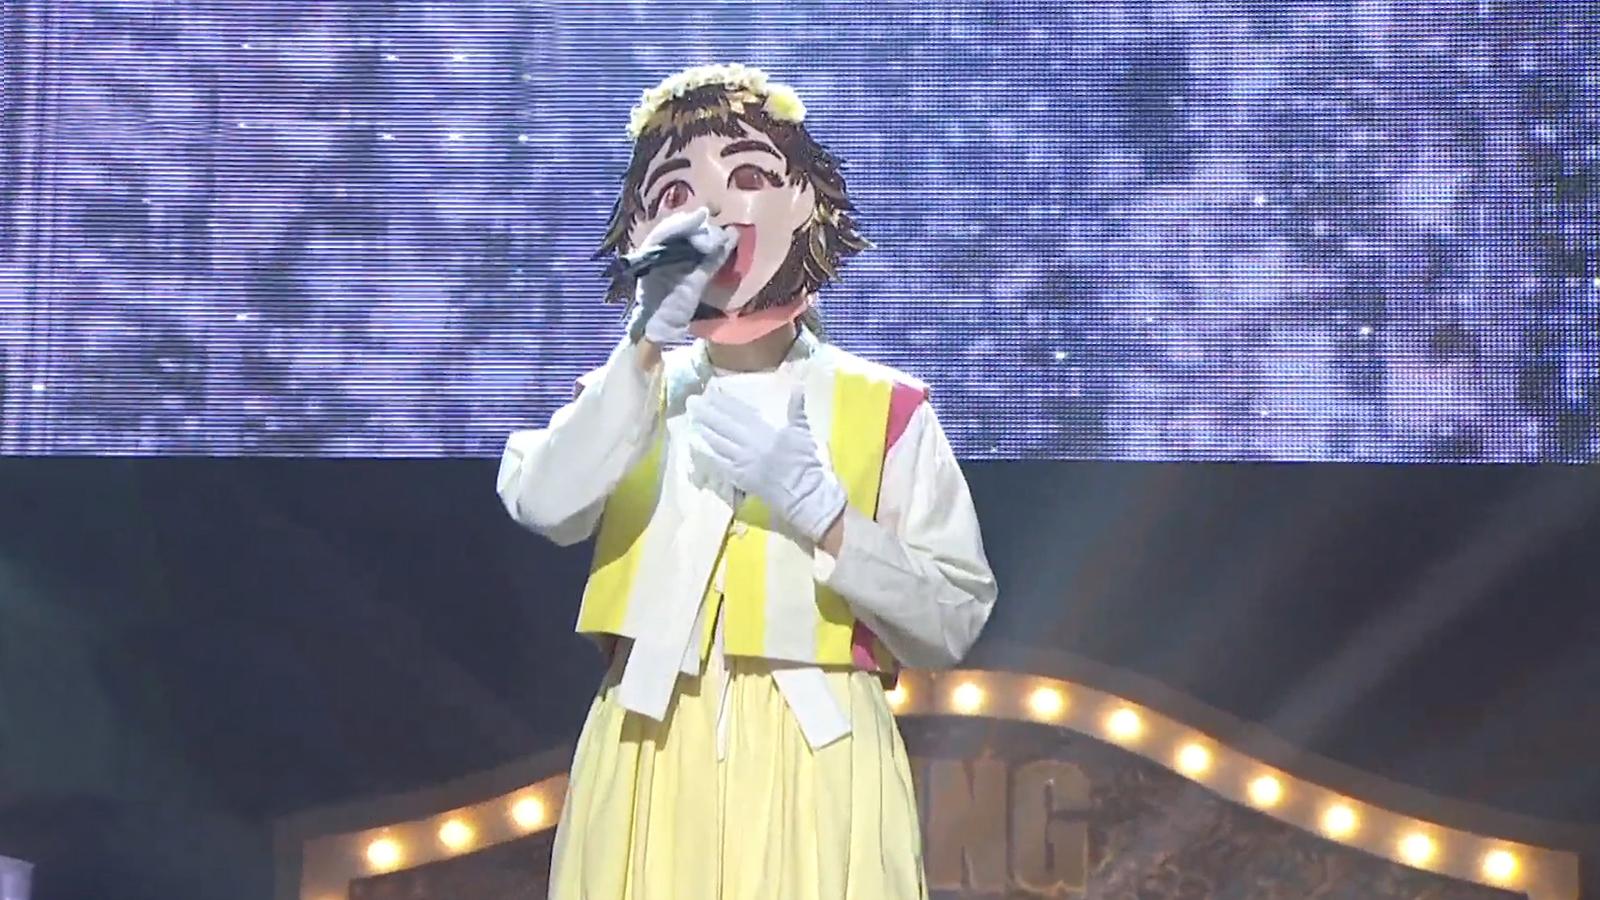 The King of Mask Singer Episode 168